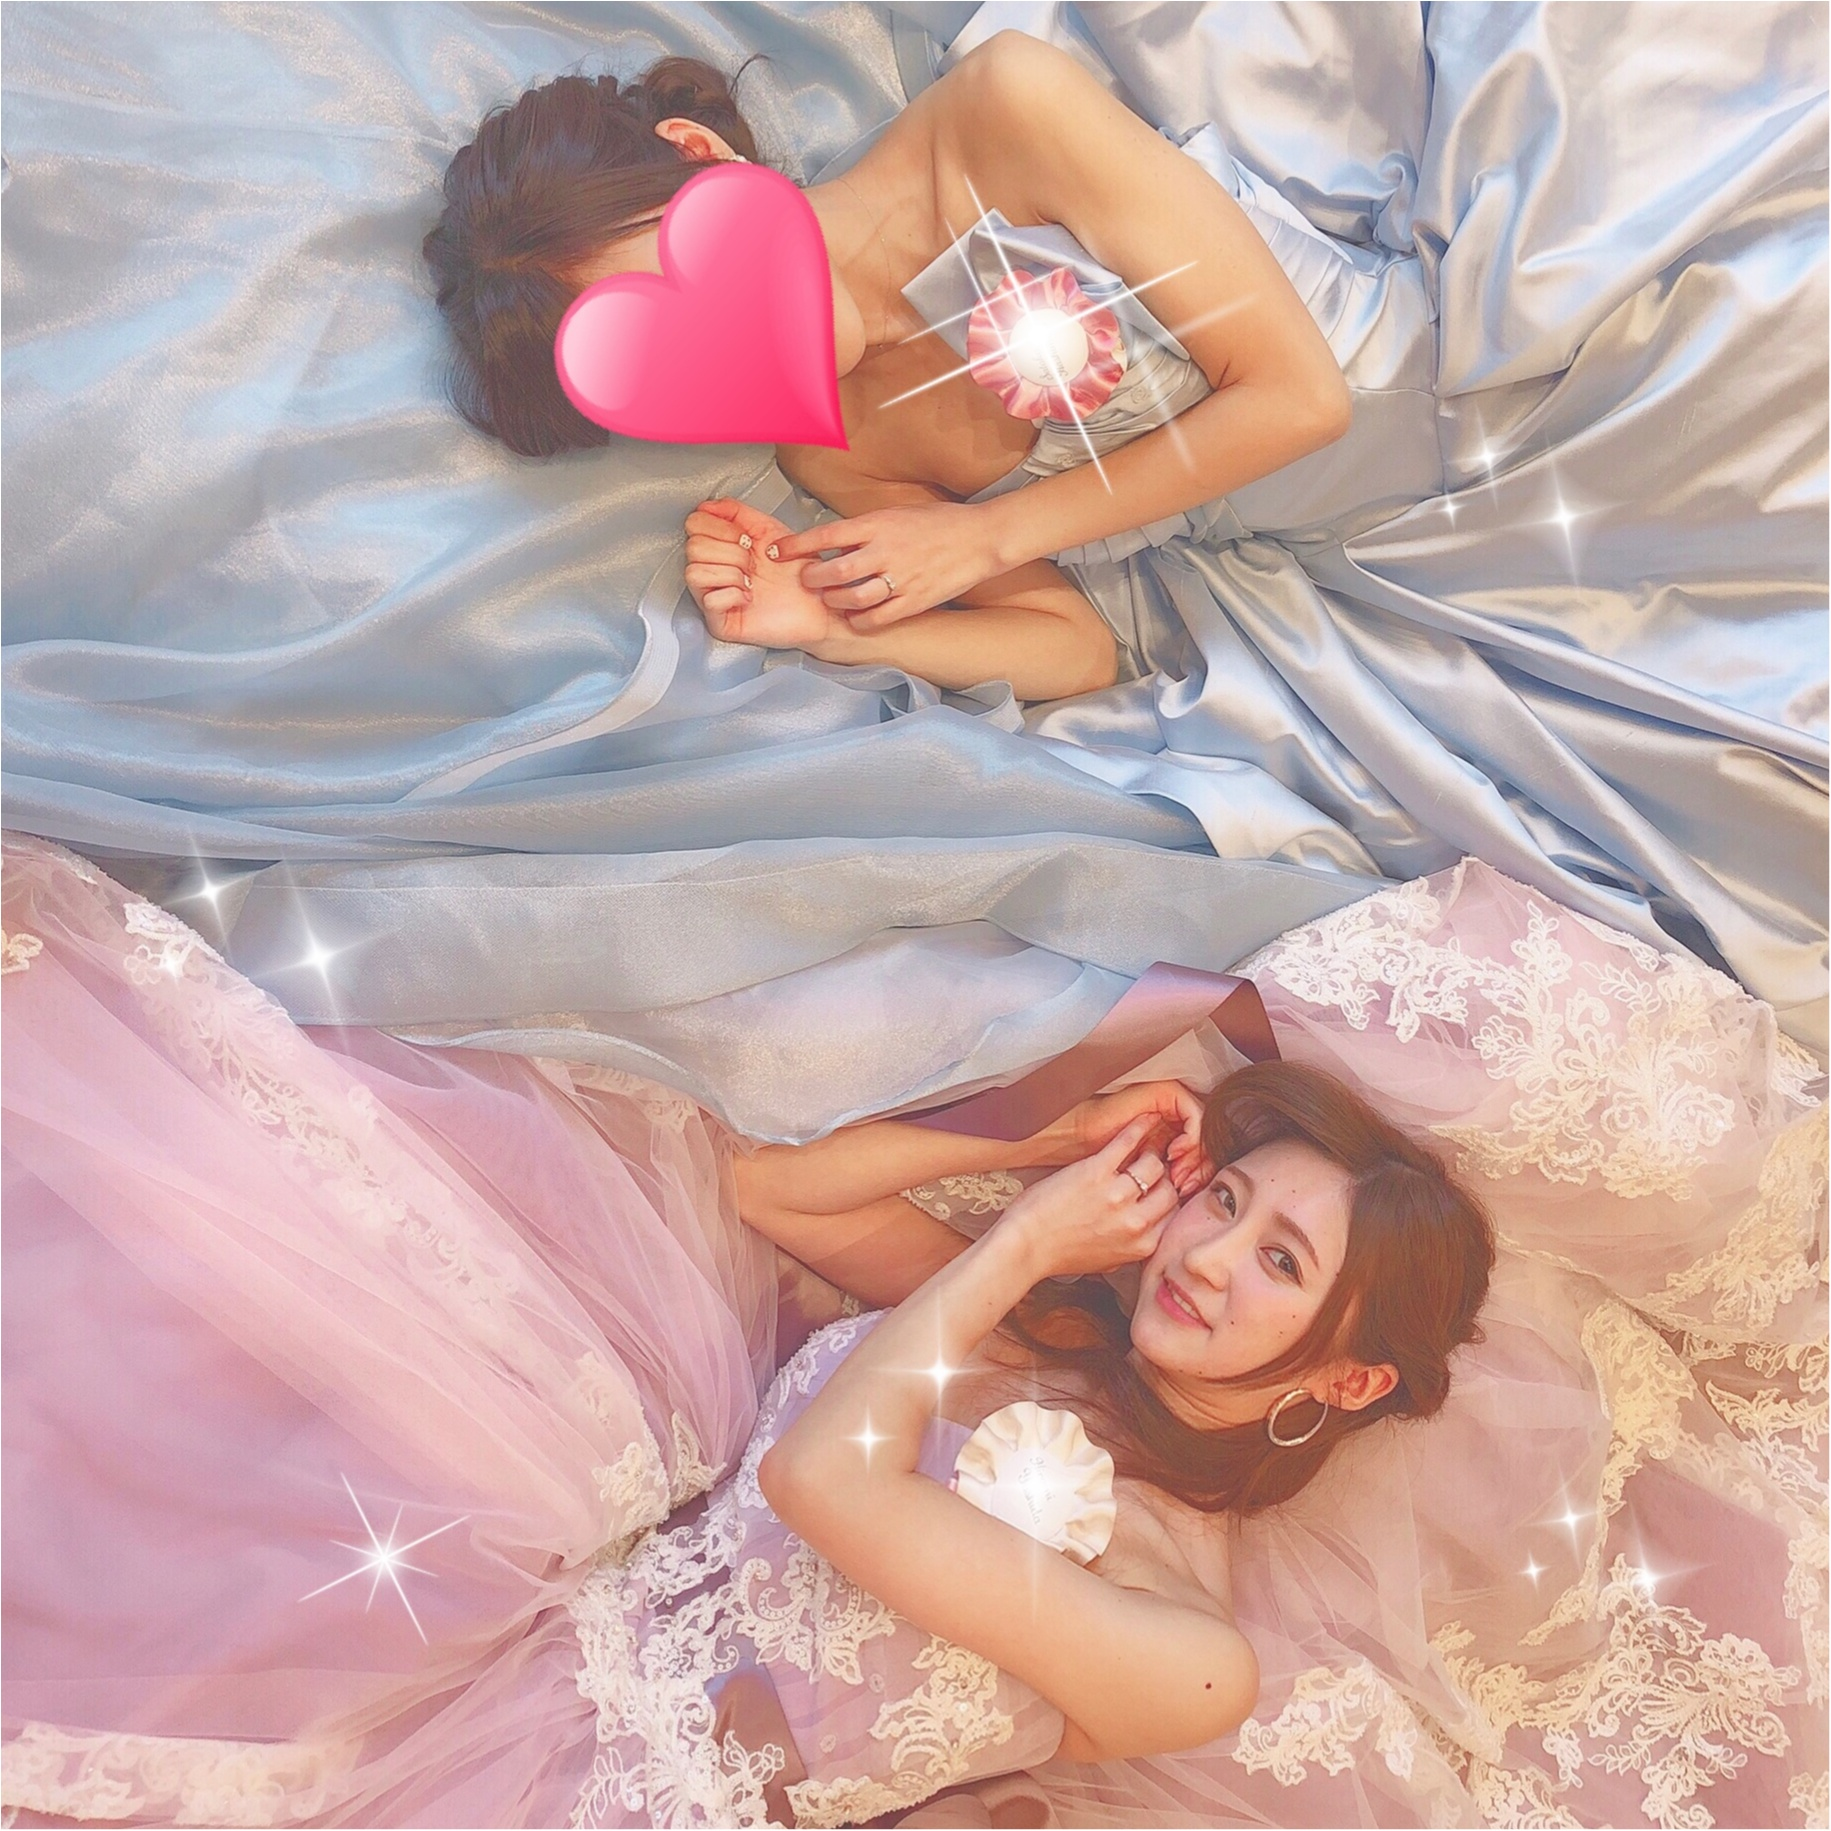 【marry × acquagrazie】プレ花嫁さんが集まるドレス試着イベントへ♡♡ドレスを着たら絶対撮りたい憧れの〇〇〇〇ショットを撮ってもらいました♥︎_2